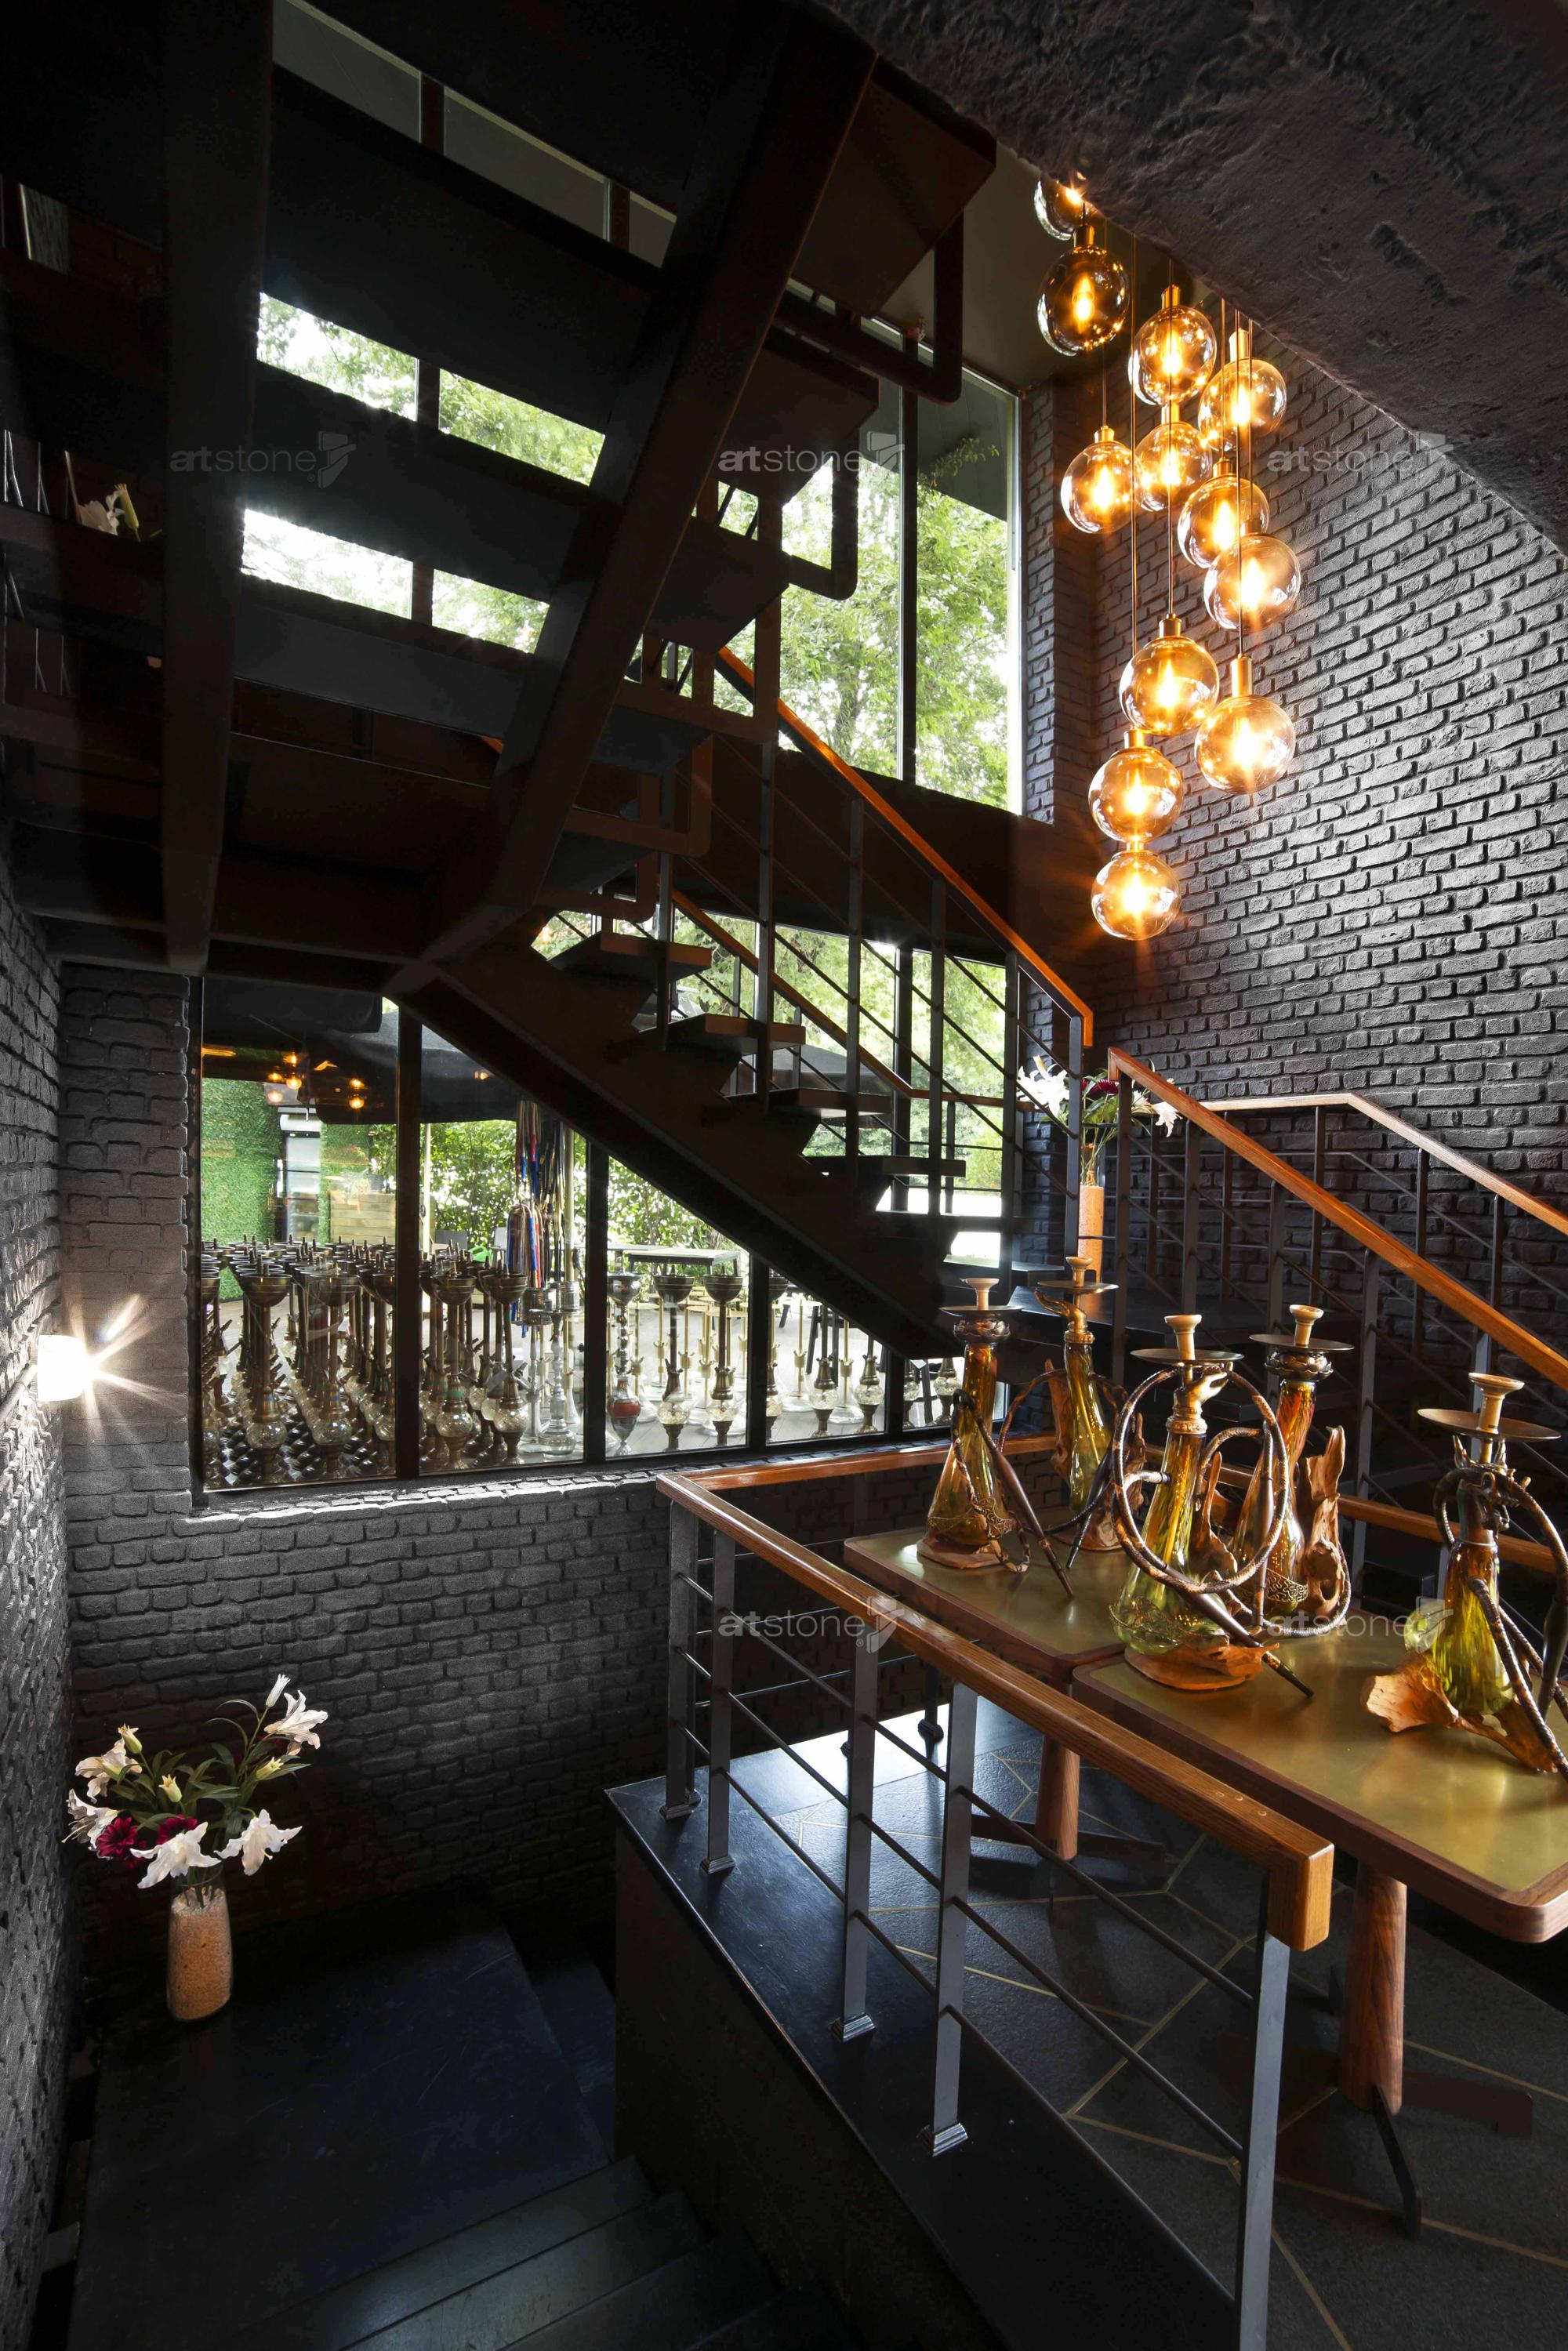 tugla-gorunumlu-duvar-paneli-cafe-dekorasyon-2